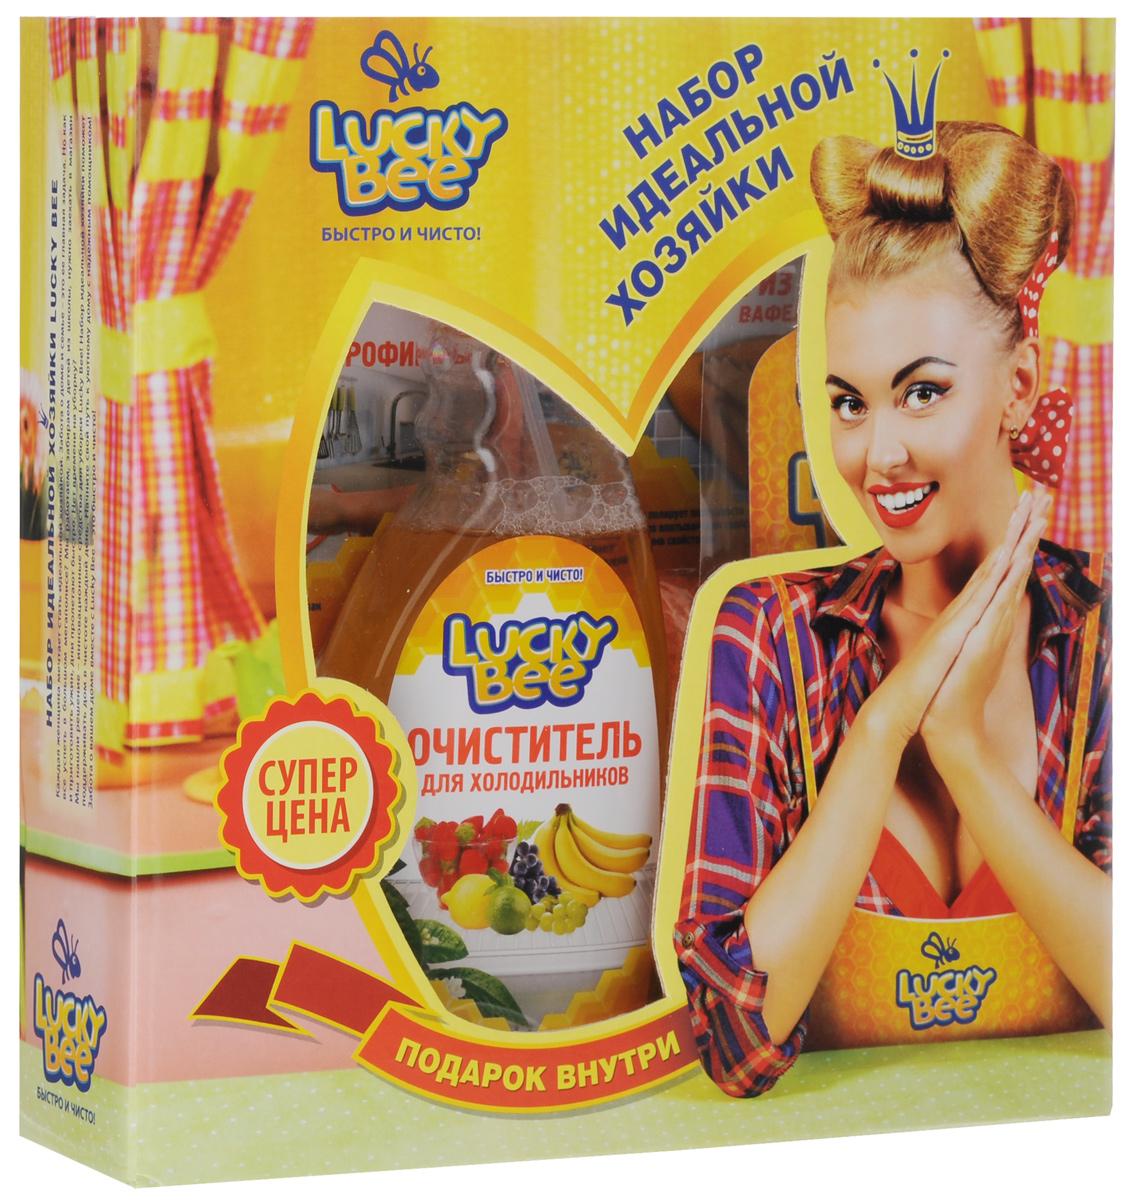 Набор для холодильника Lucky Bee, 3 предмета + ПОДАРОК: Блокнот-магнит на холодильник гарнитура sven ap 600 с регулятором громкости шумоподавление